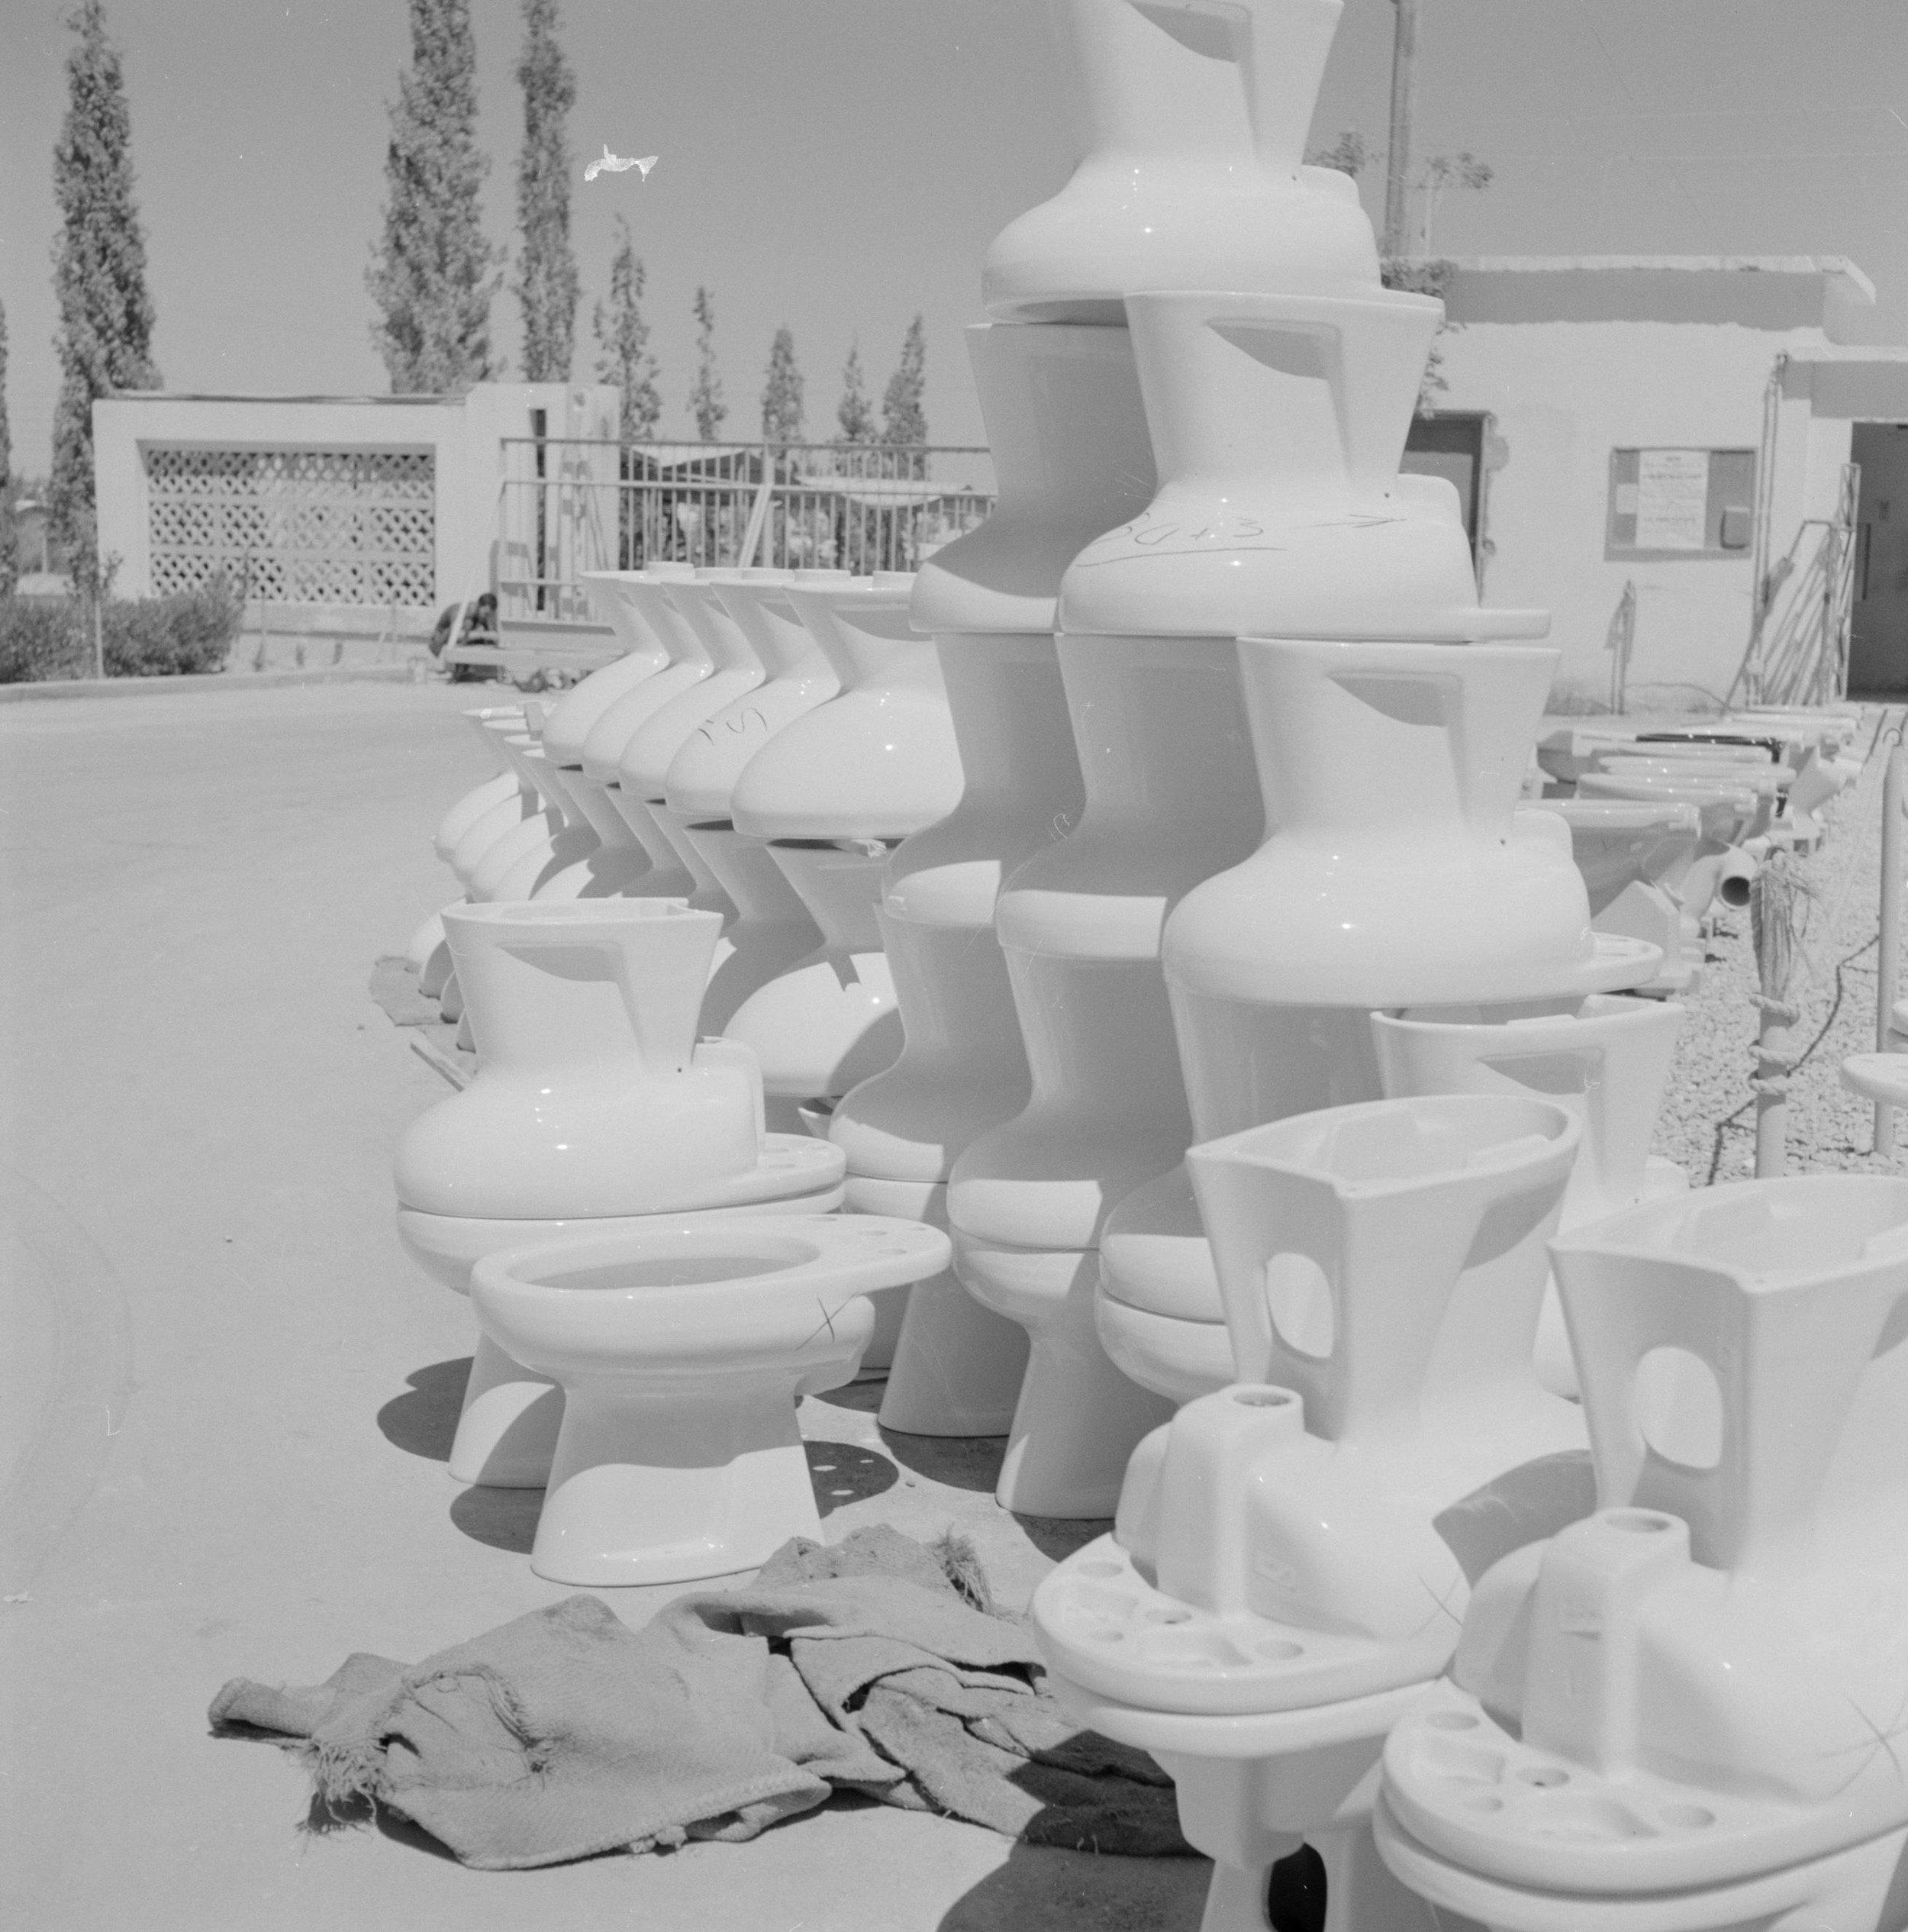 Opslag van keramische wc-potten, Keramiekfabriek in Bersjeba